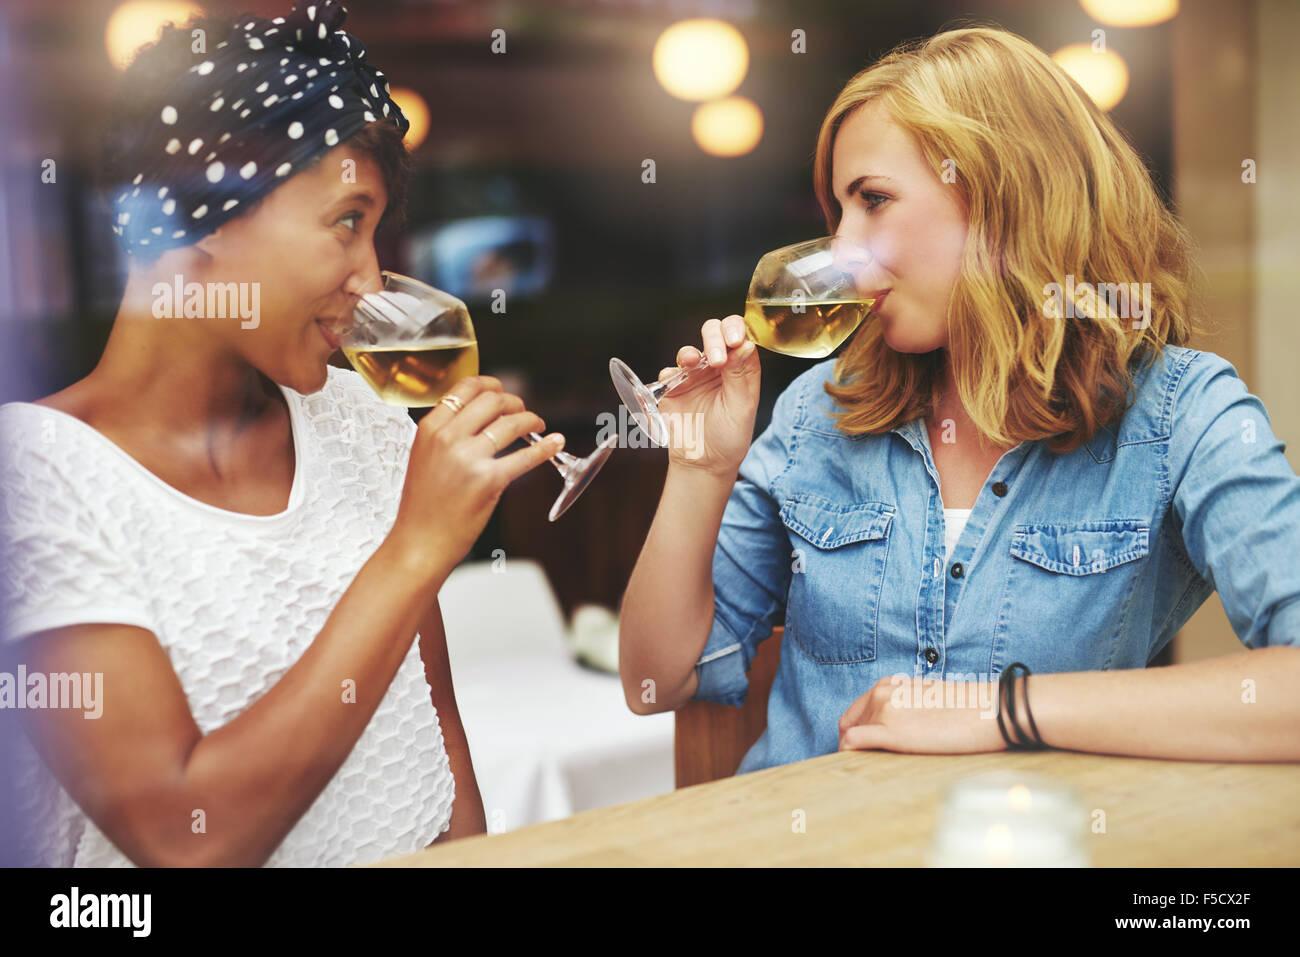 Dos mujeres jóvenes y atractivas, encontrándose en un pub de una copa de vino blanco sentado en un mostrador Imagen De Stock